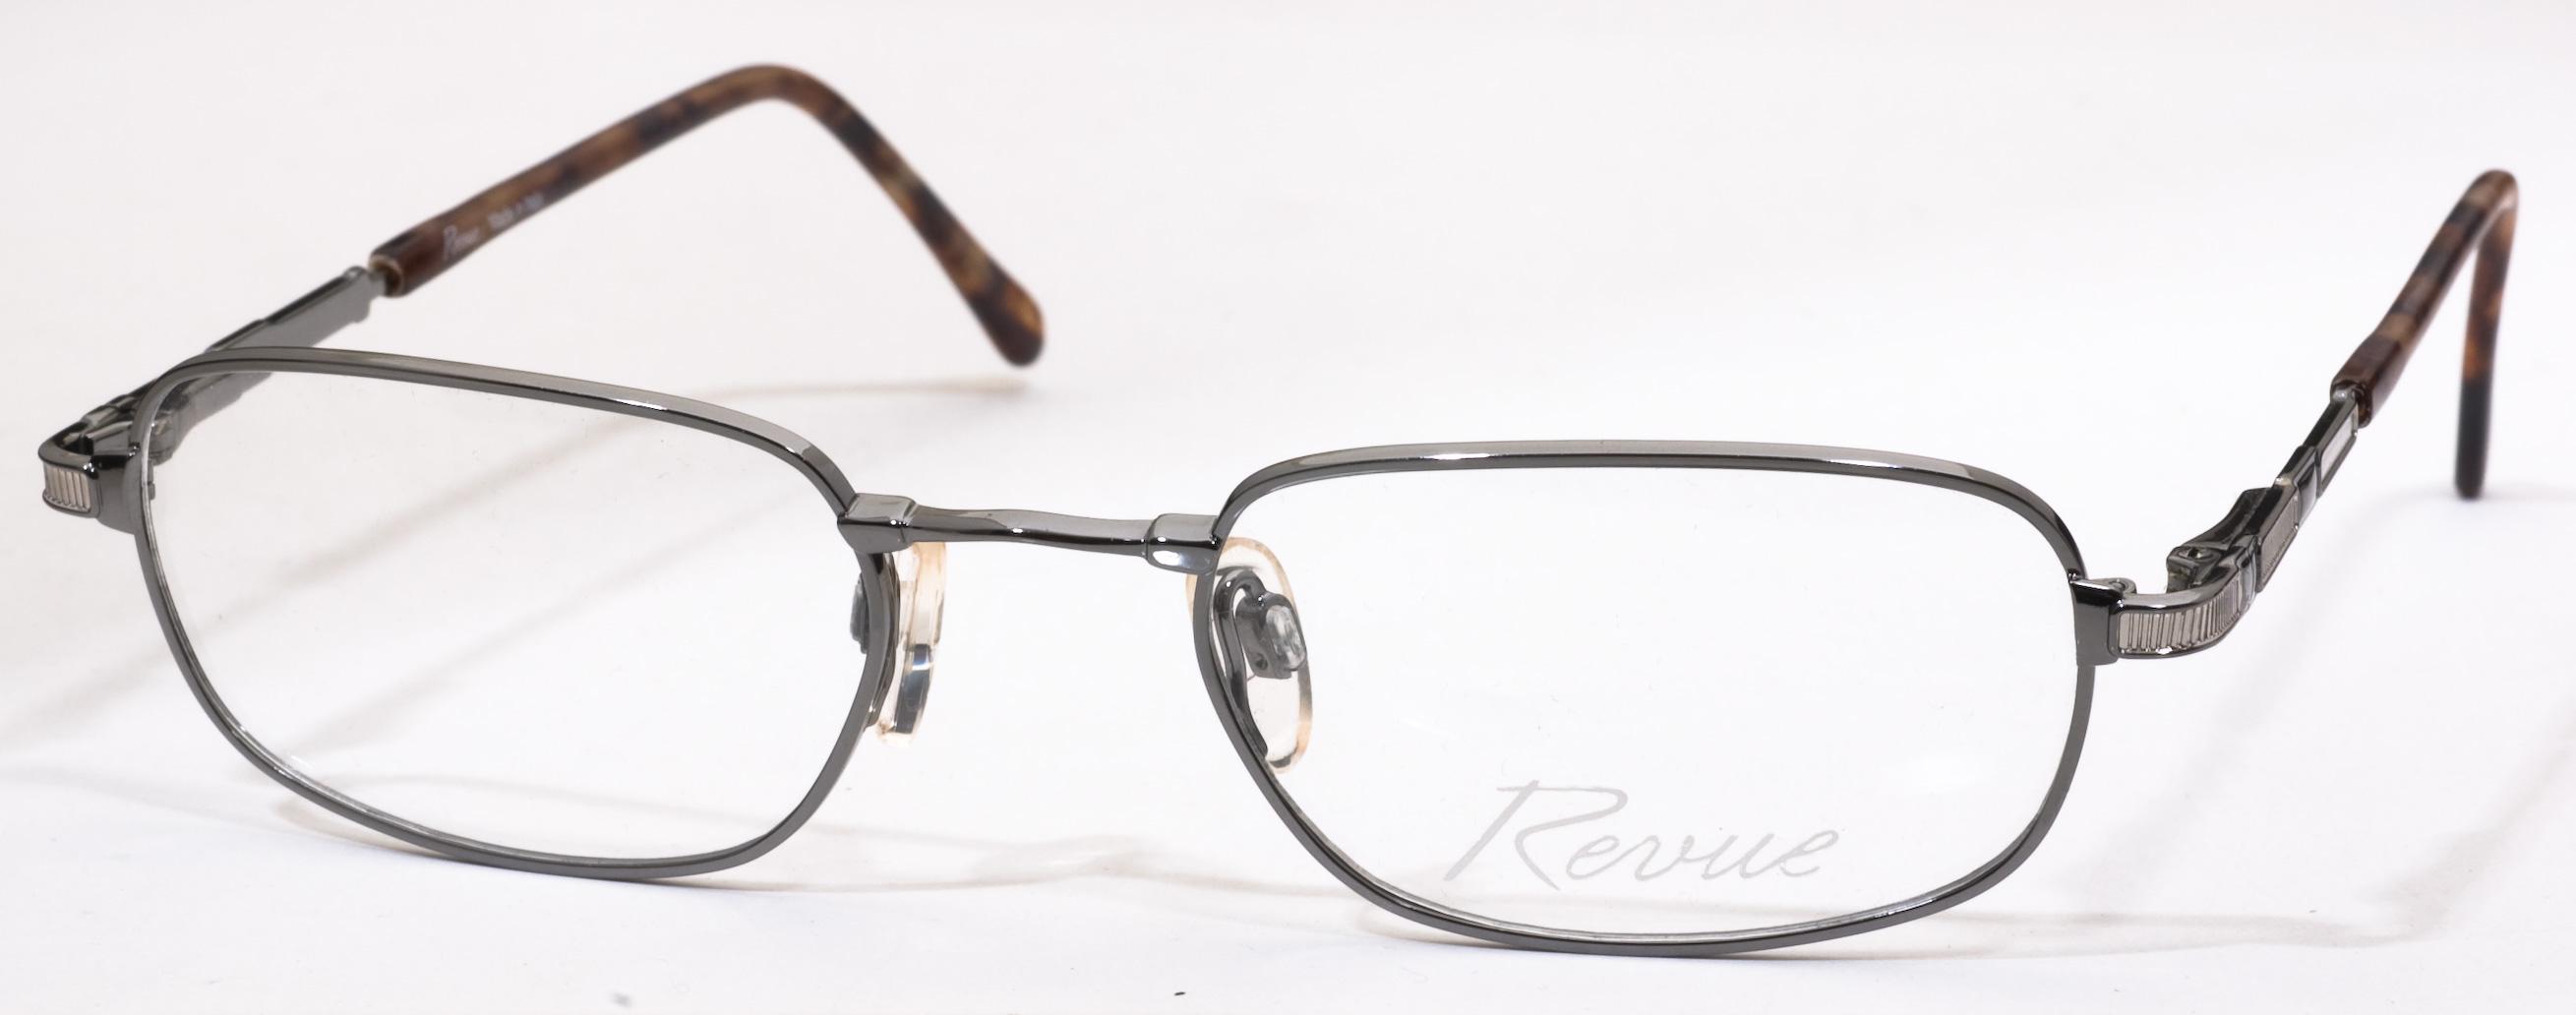 871 Eyeglasses, Shiny Gunmetal/Tortoise c818